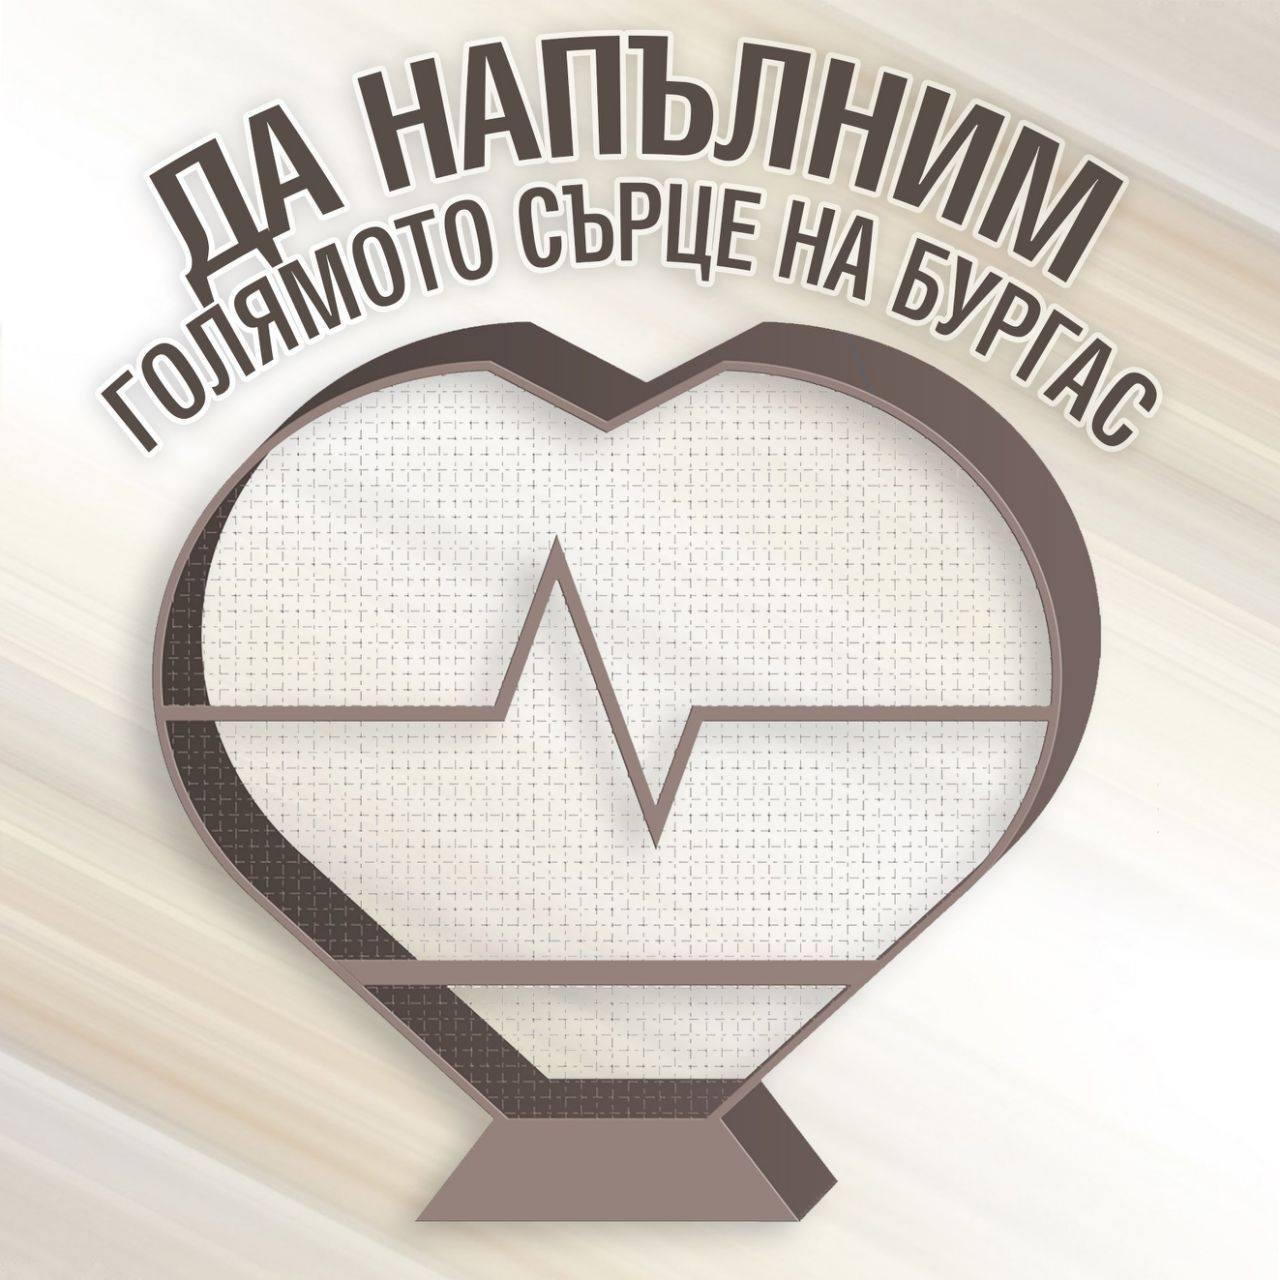 """Пролетен велотур се включва в каузата """"Да напълним голямото сърце на Бургас"""""""